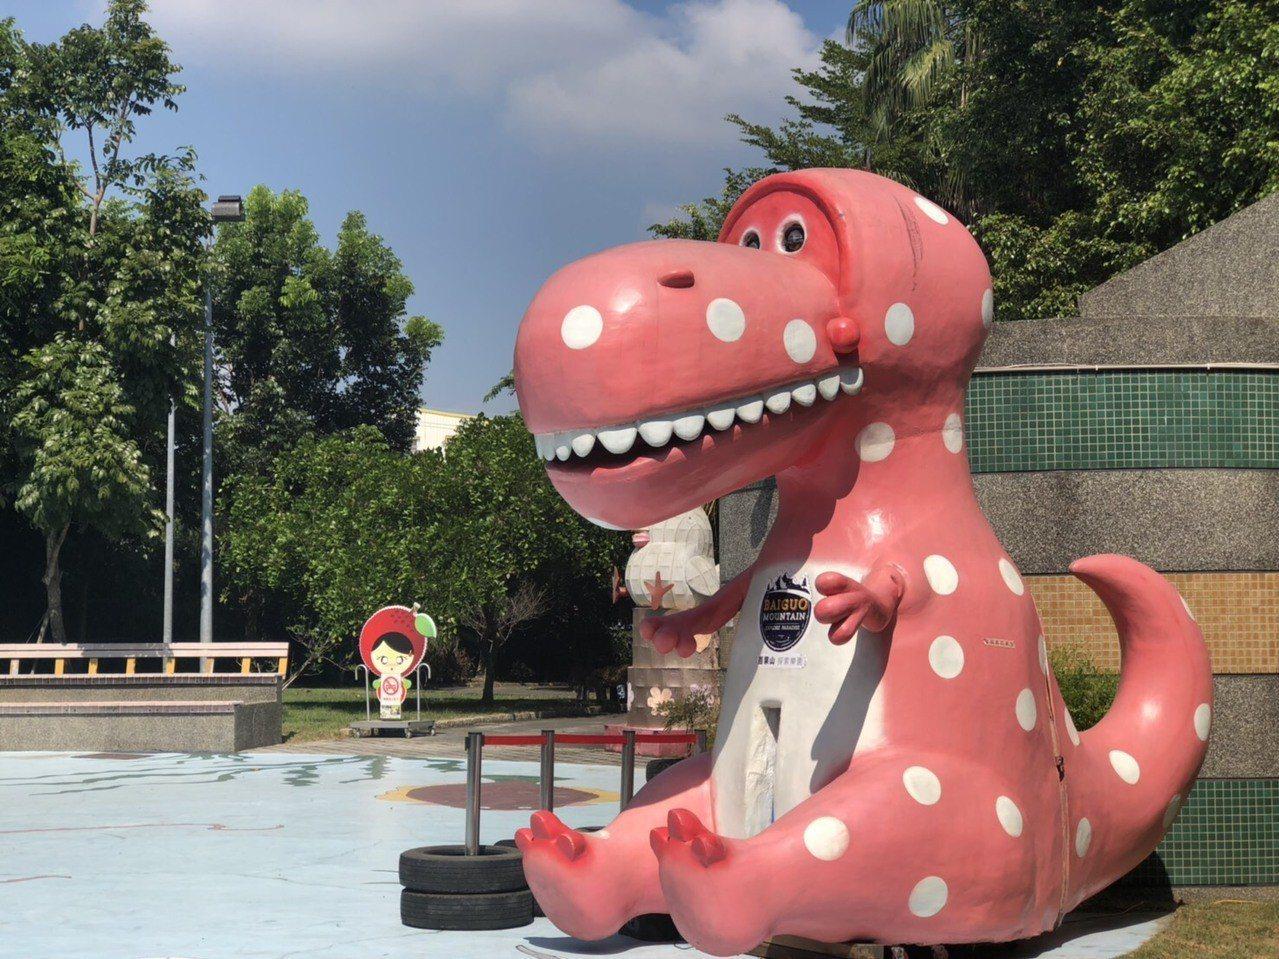 7月19日至8月31日在新竹大遠百一樓大門會有4米高的百果山粉紅恐龍扭蛋機。圖/...